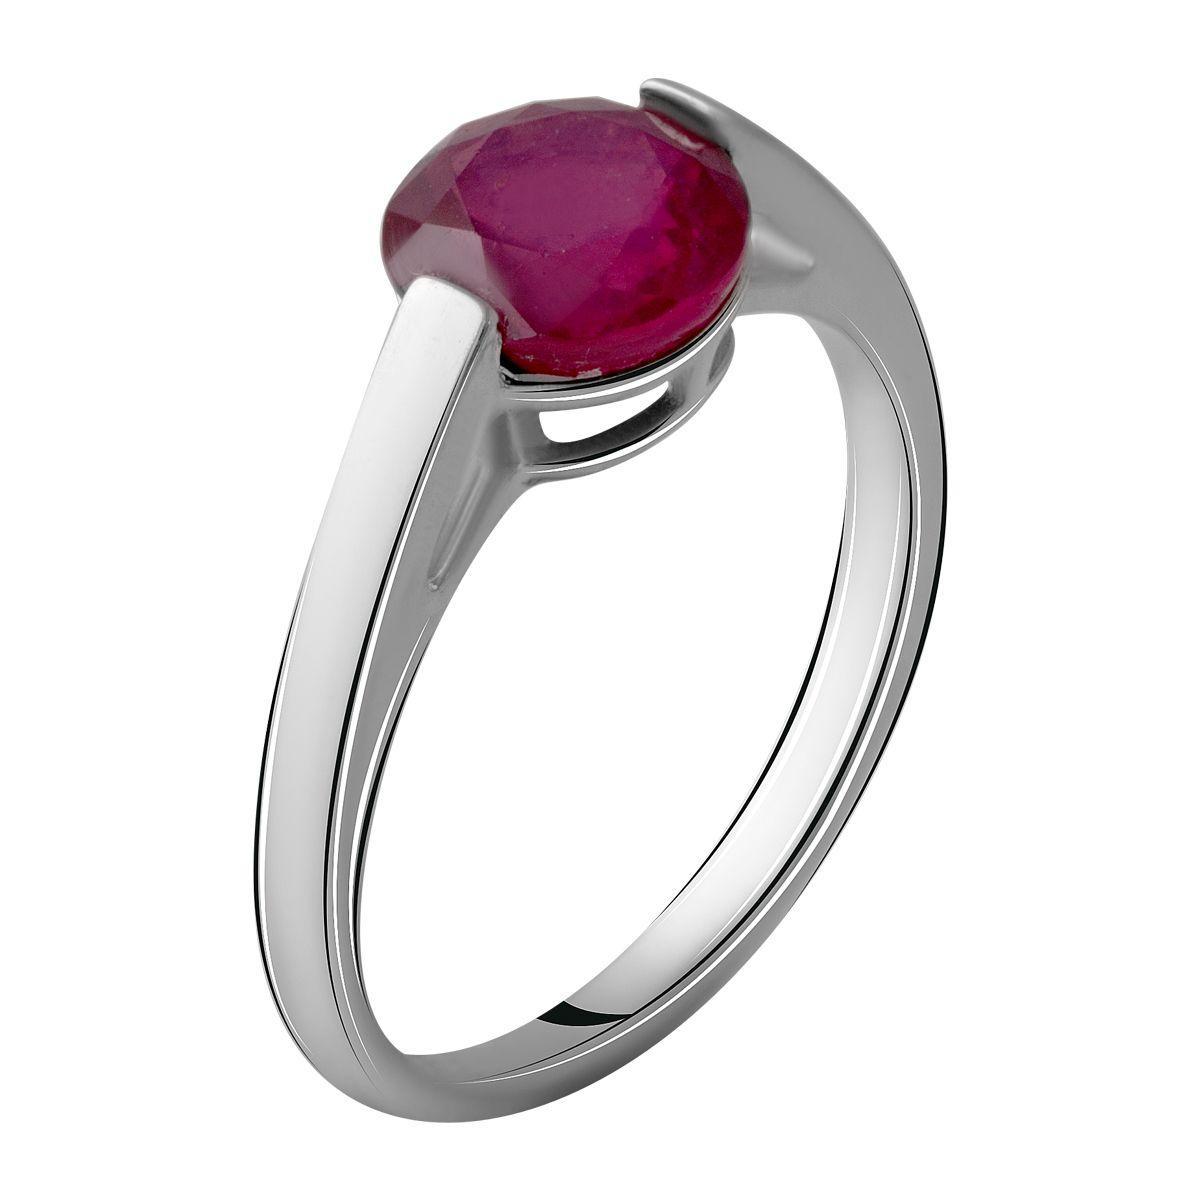 Серебряное кольцо pSilverAlex с натуральным рубином 2.992ct (2058069) 18.5 размер